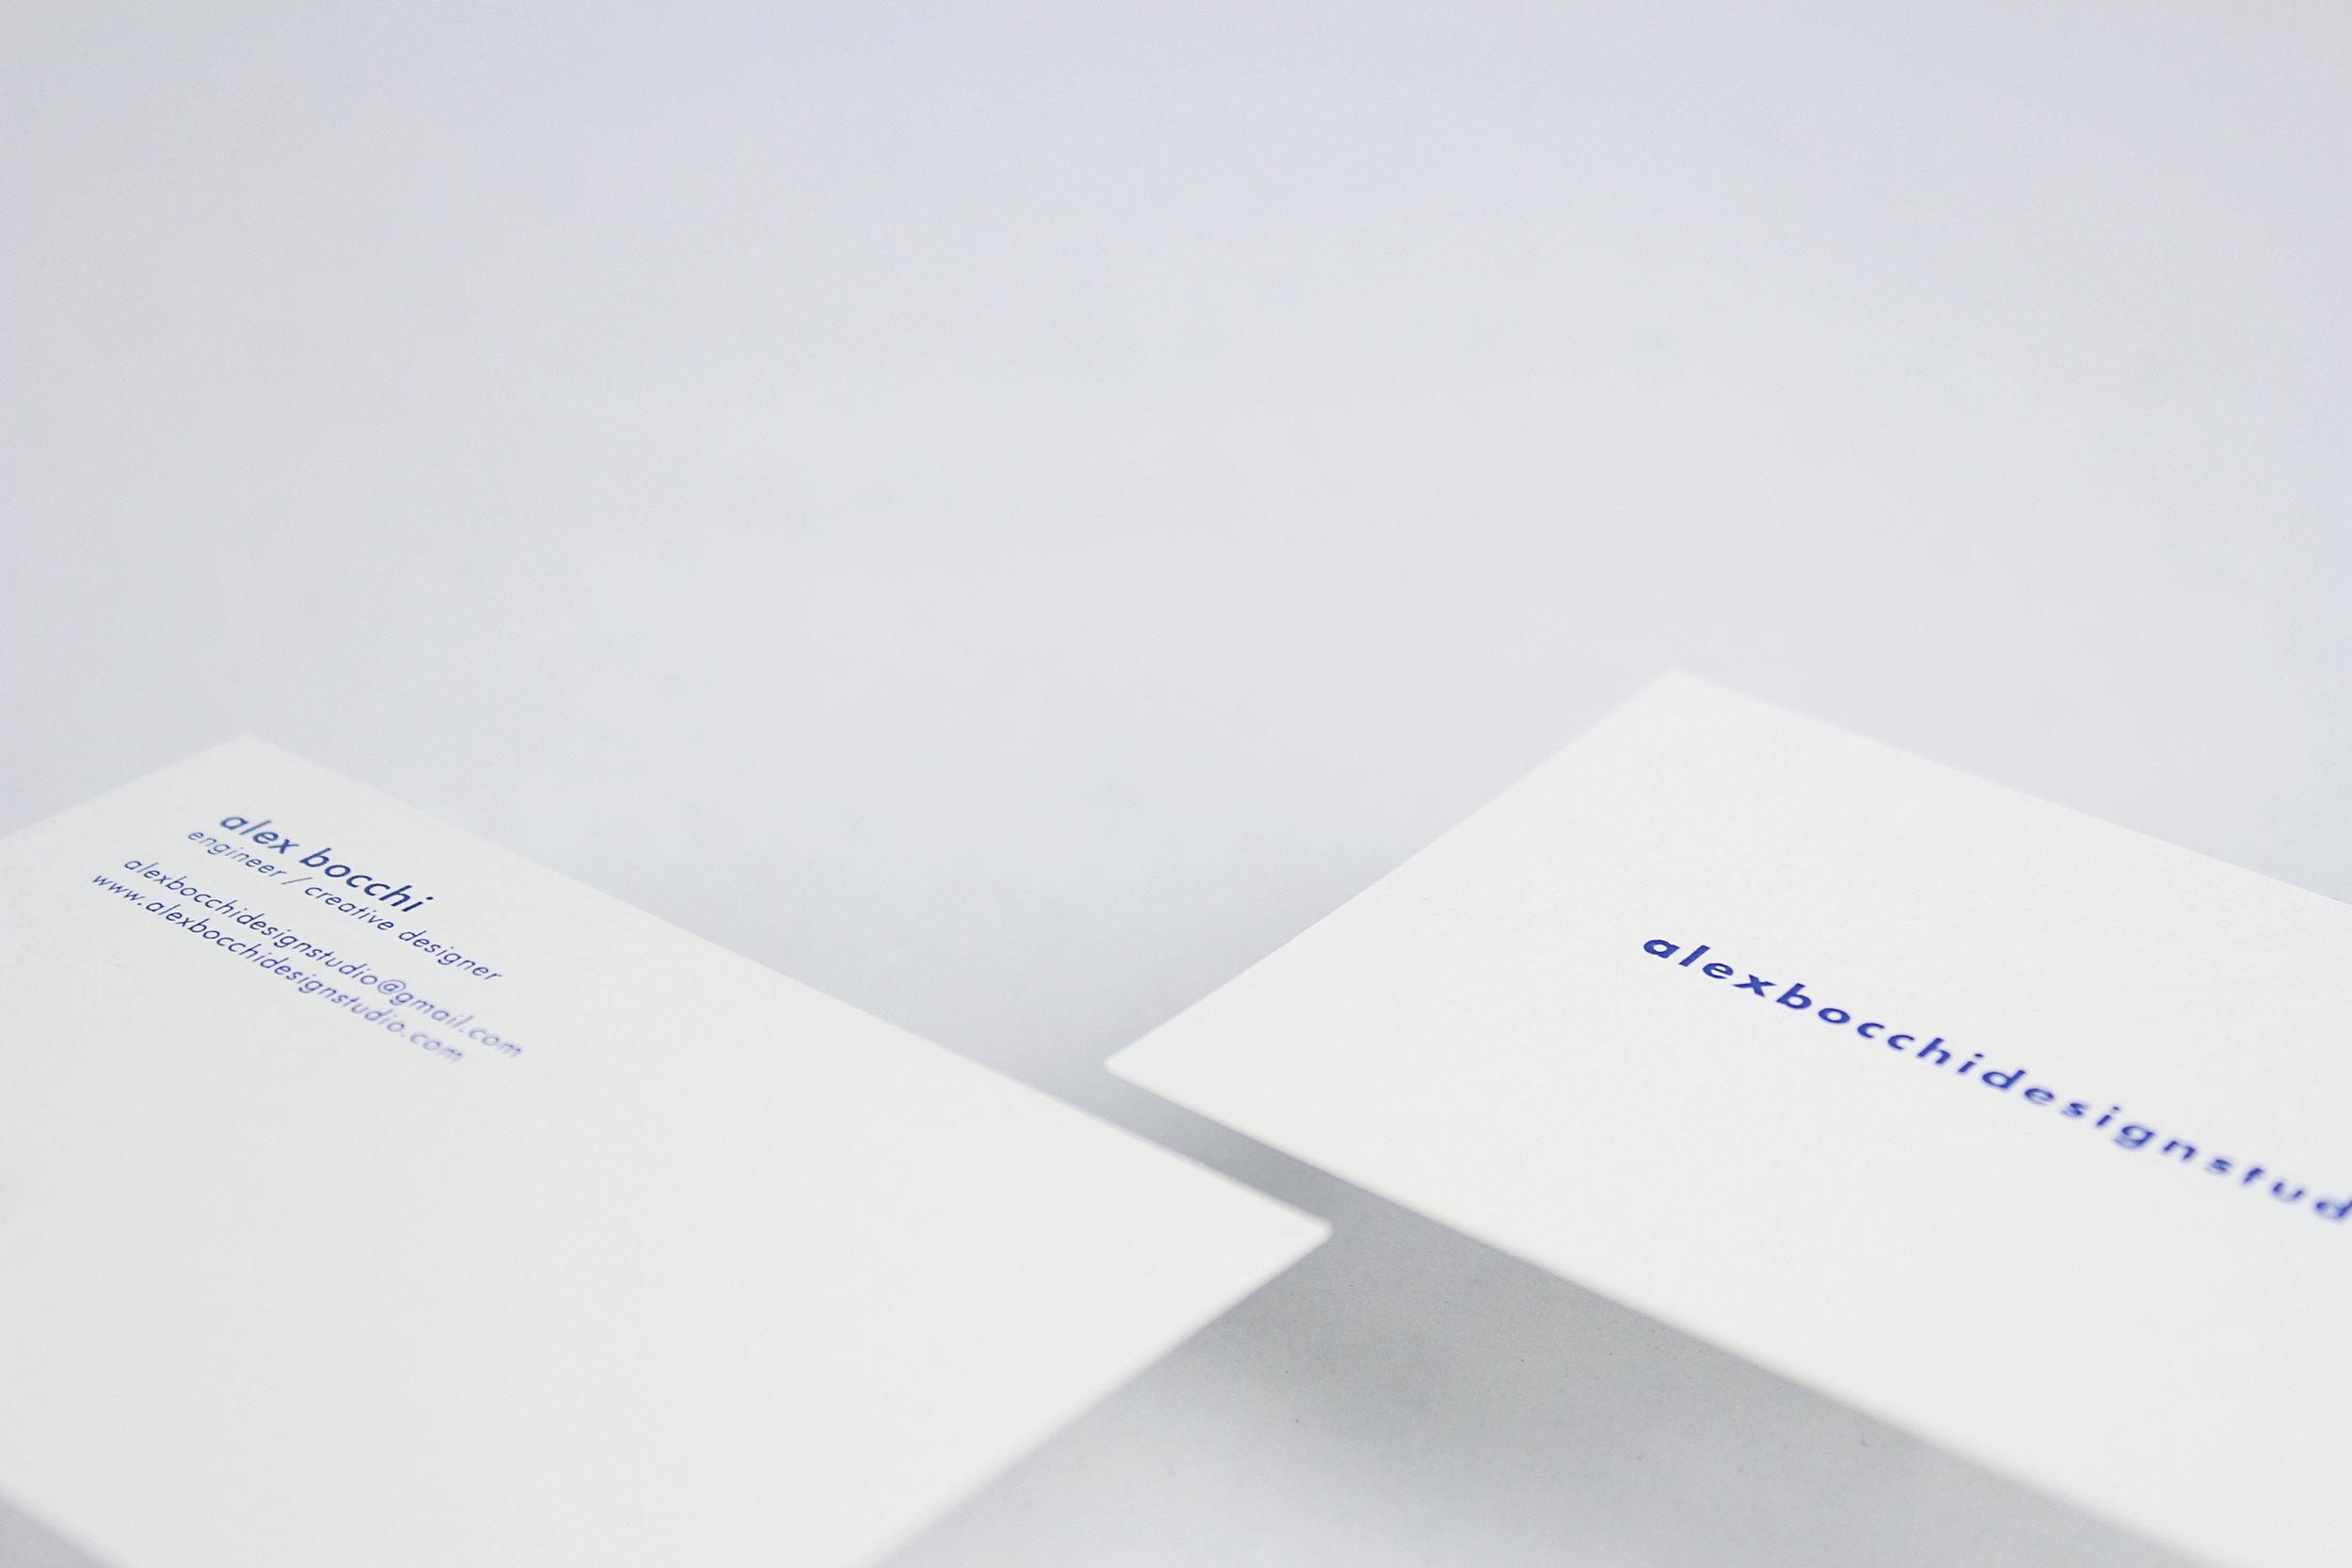 businesscard_alexbocchidesignstudio_2.jpg